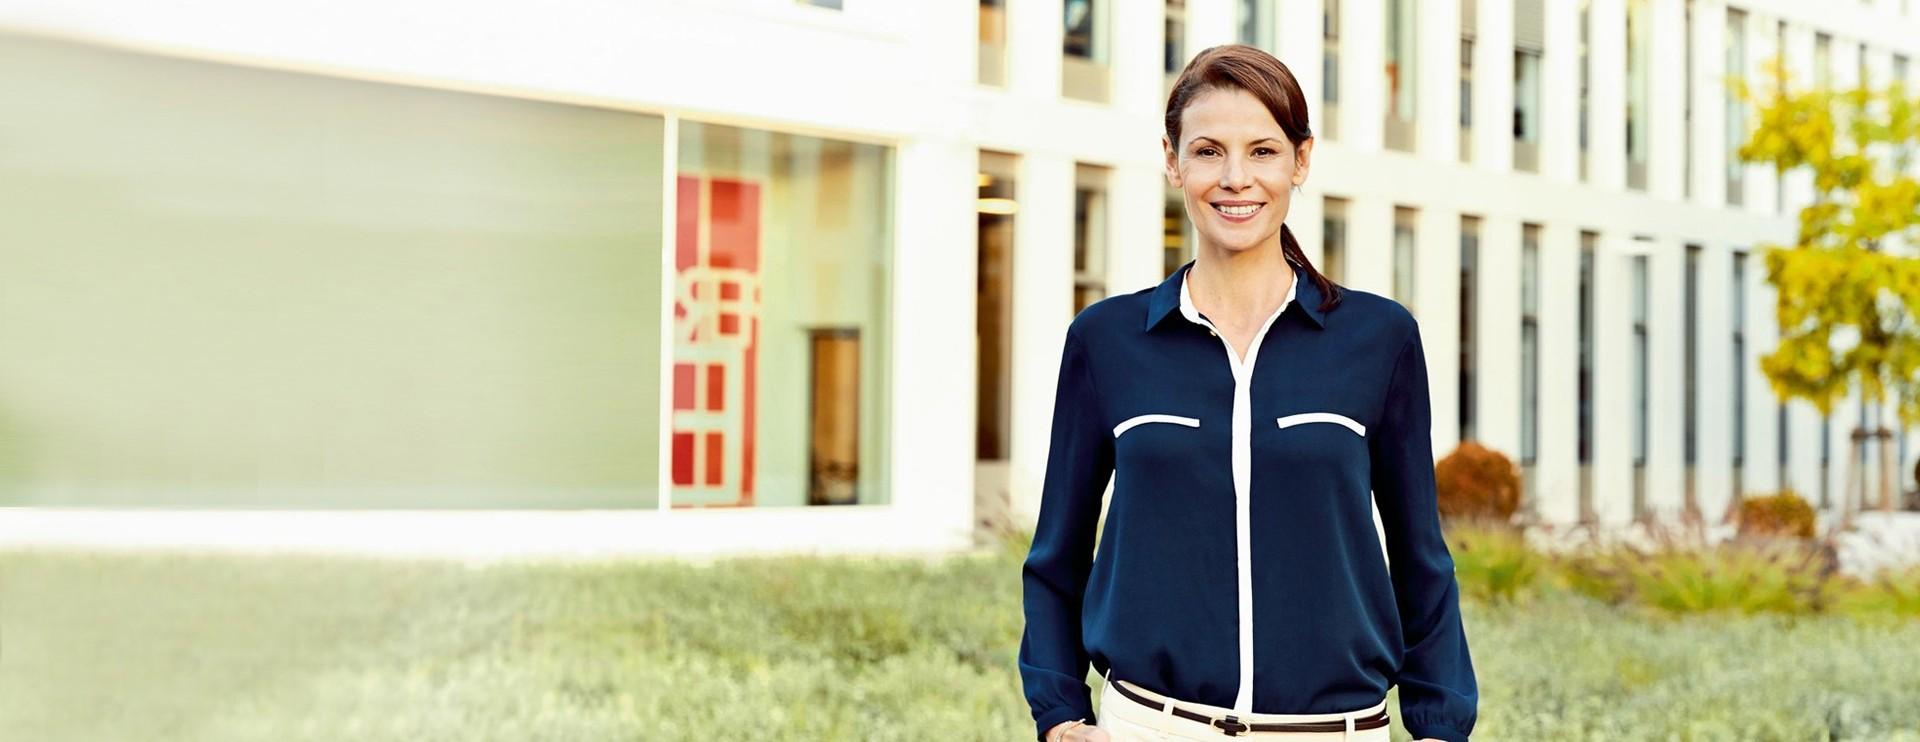 Ihr Kontakt zu AirPlus lächelnde Geschäftsfrau